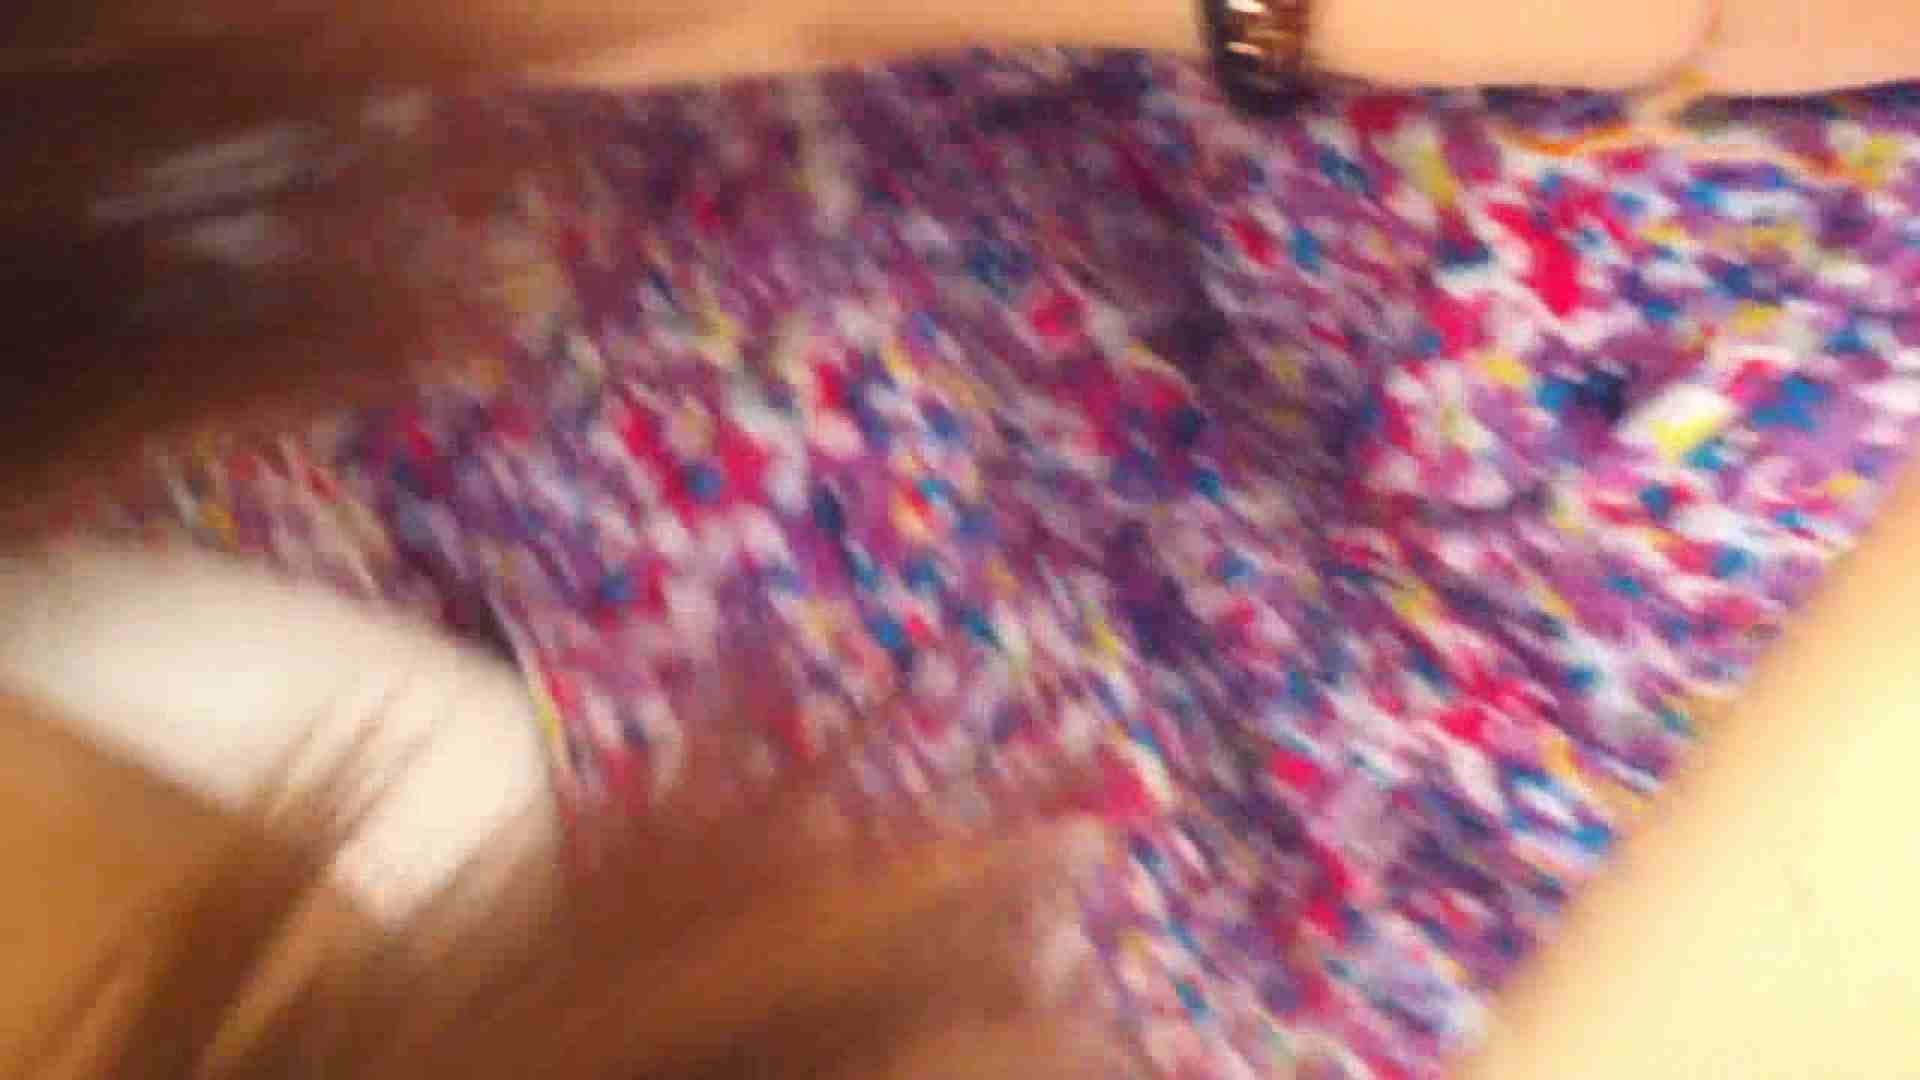 カリスマ店員の胸チラ&パンチラ vol.01 胸チラ アダルト動画キャプチャ 72画像 47